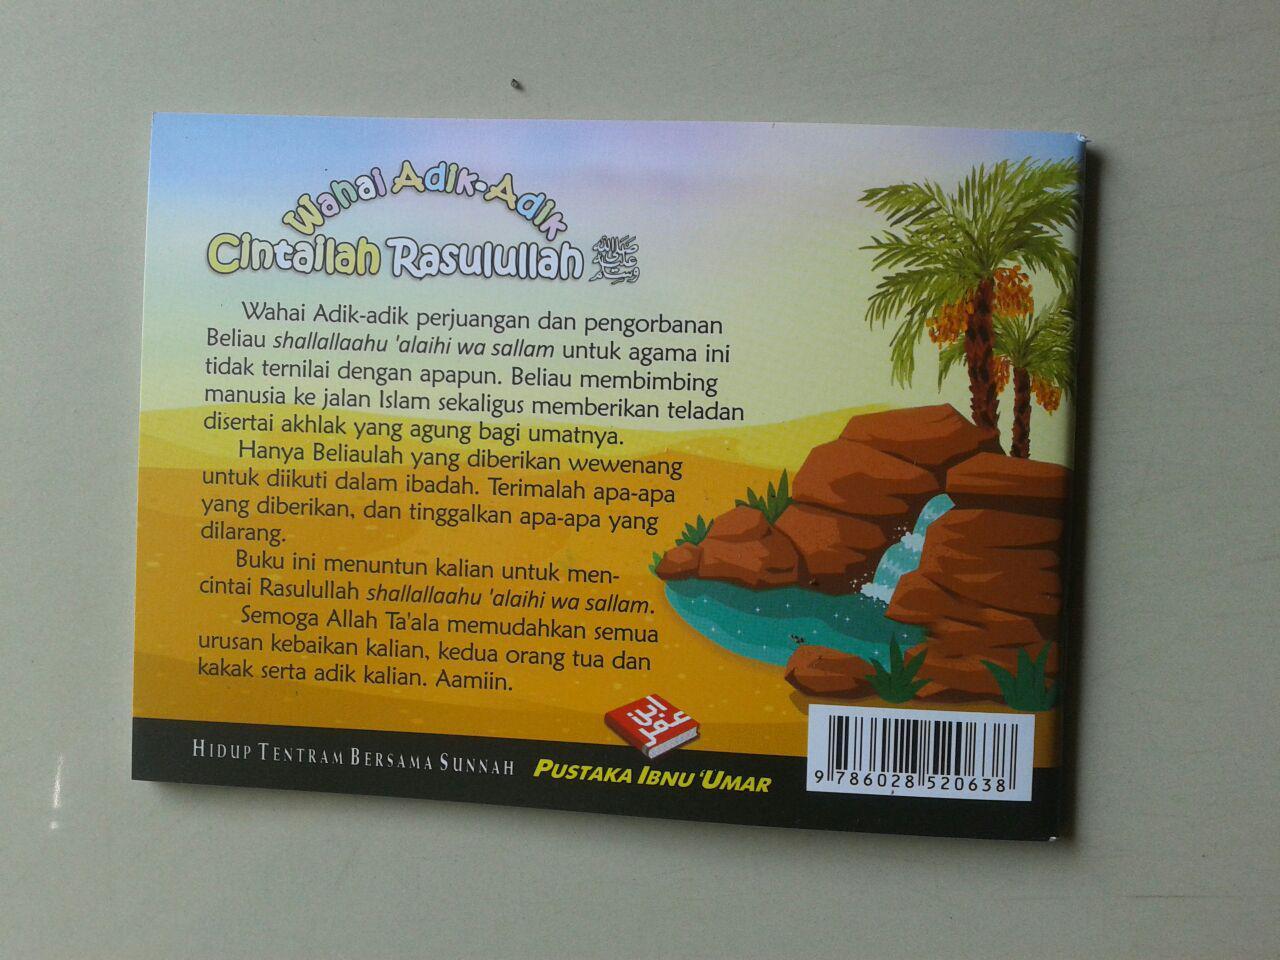 Buku Saku Anak Wahai Adik Adik Cintailah Rasulullah cover